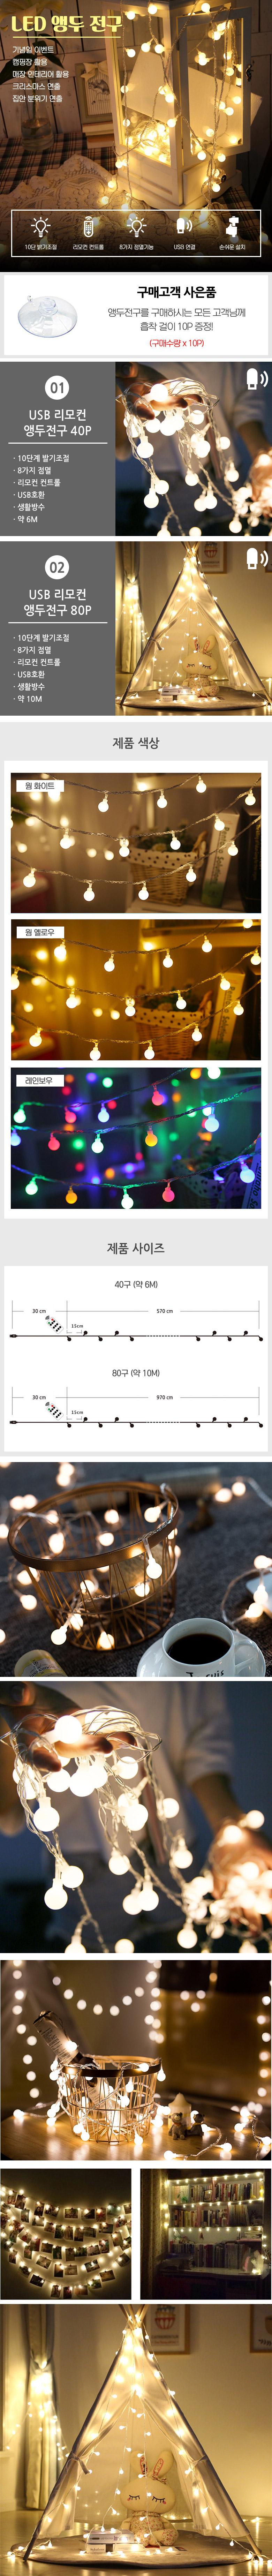 LED 앵두전구 USB 리모컨 밝기조절 40구 - 구디푸디, 8,500원, 이벤트조명, 이벤트조명